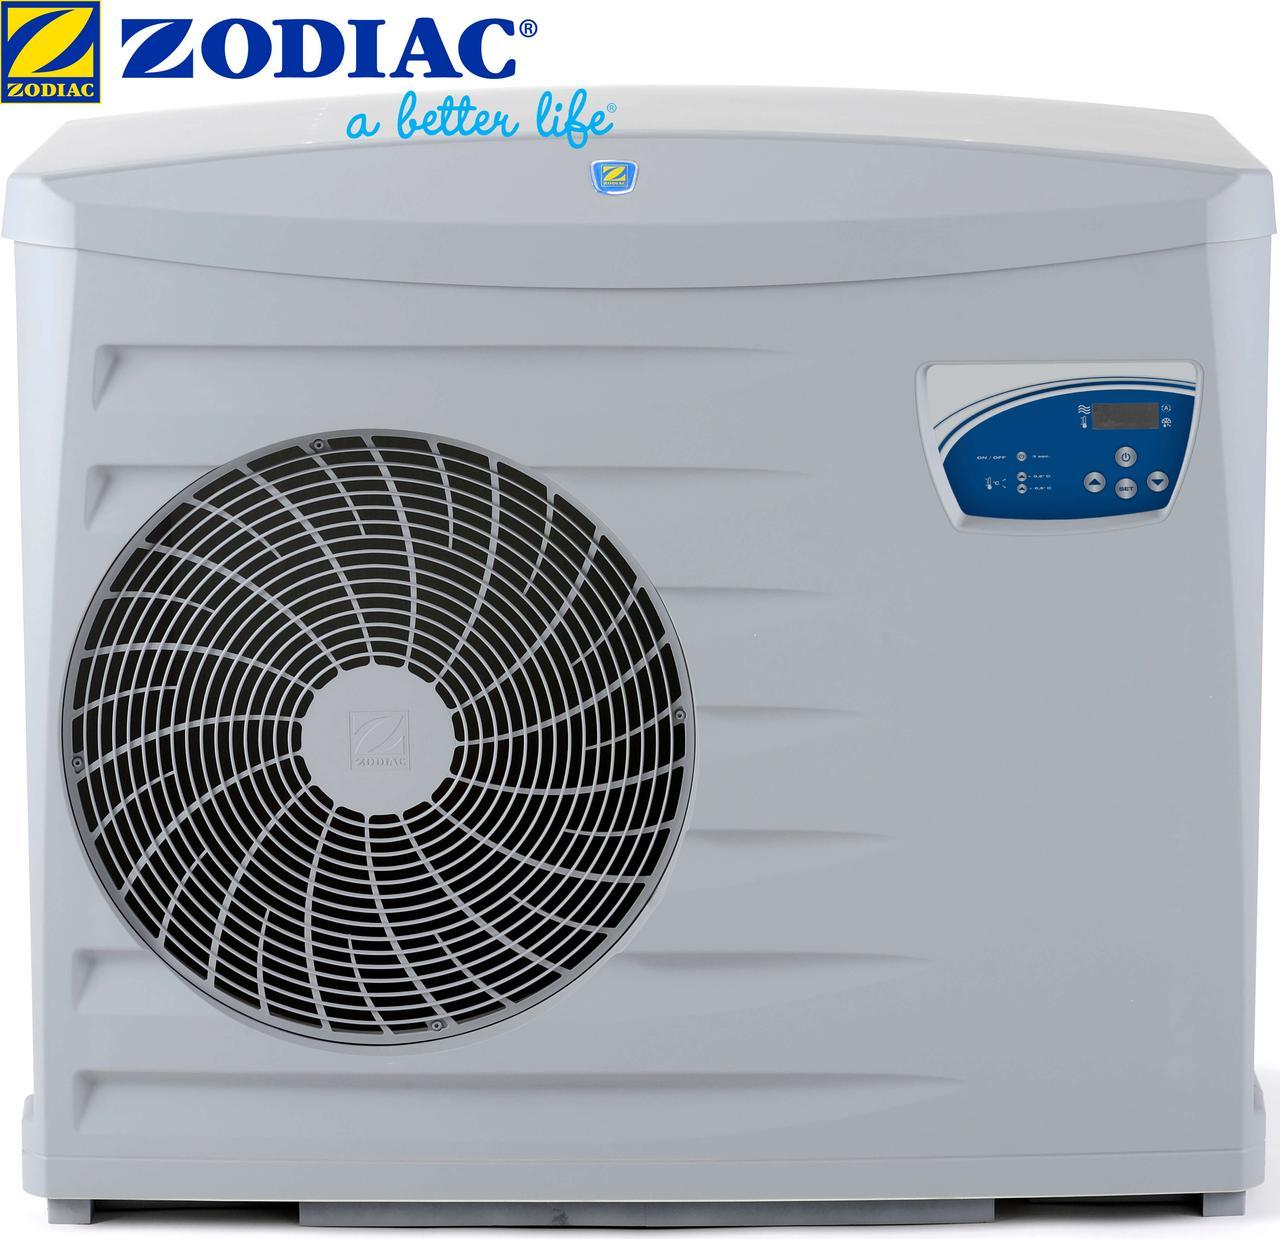 Zodiac Z300 TD8 Defrost 21 кВт тепловий насос для басейну (тепло/ холод) 400 В